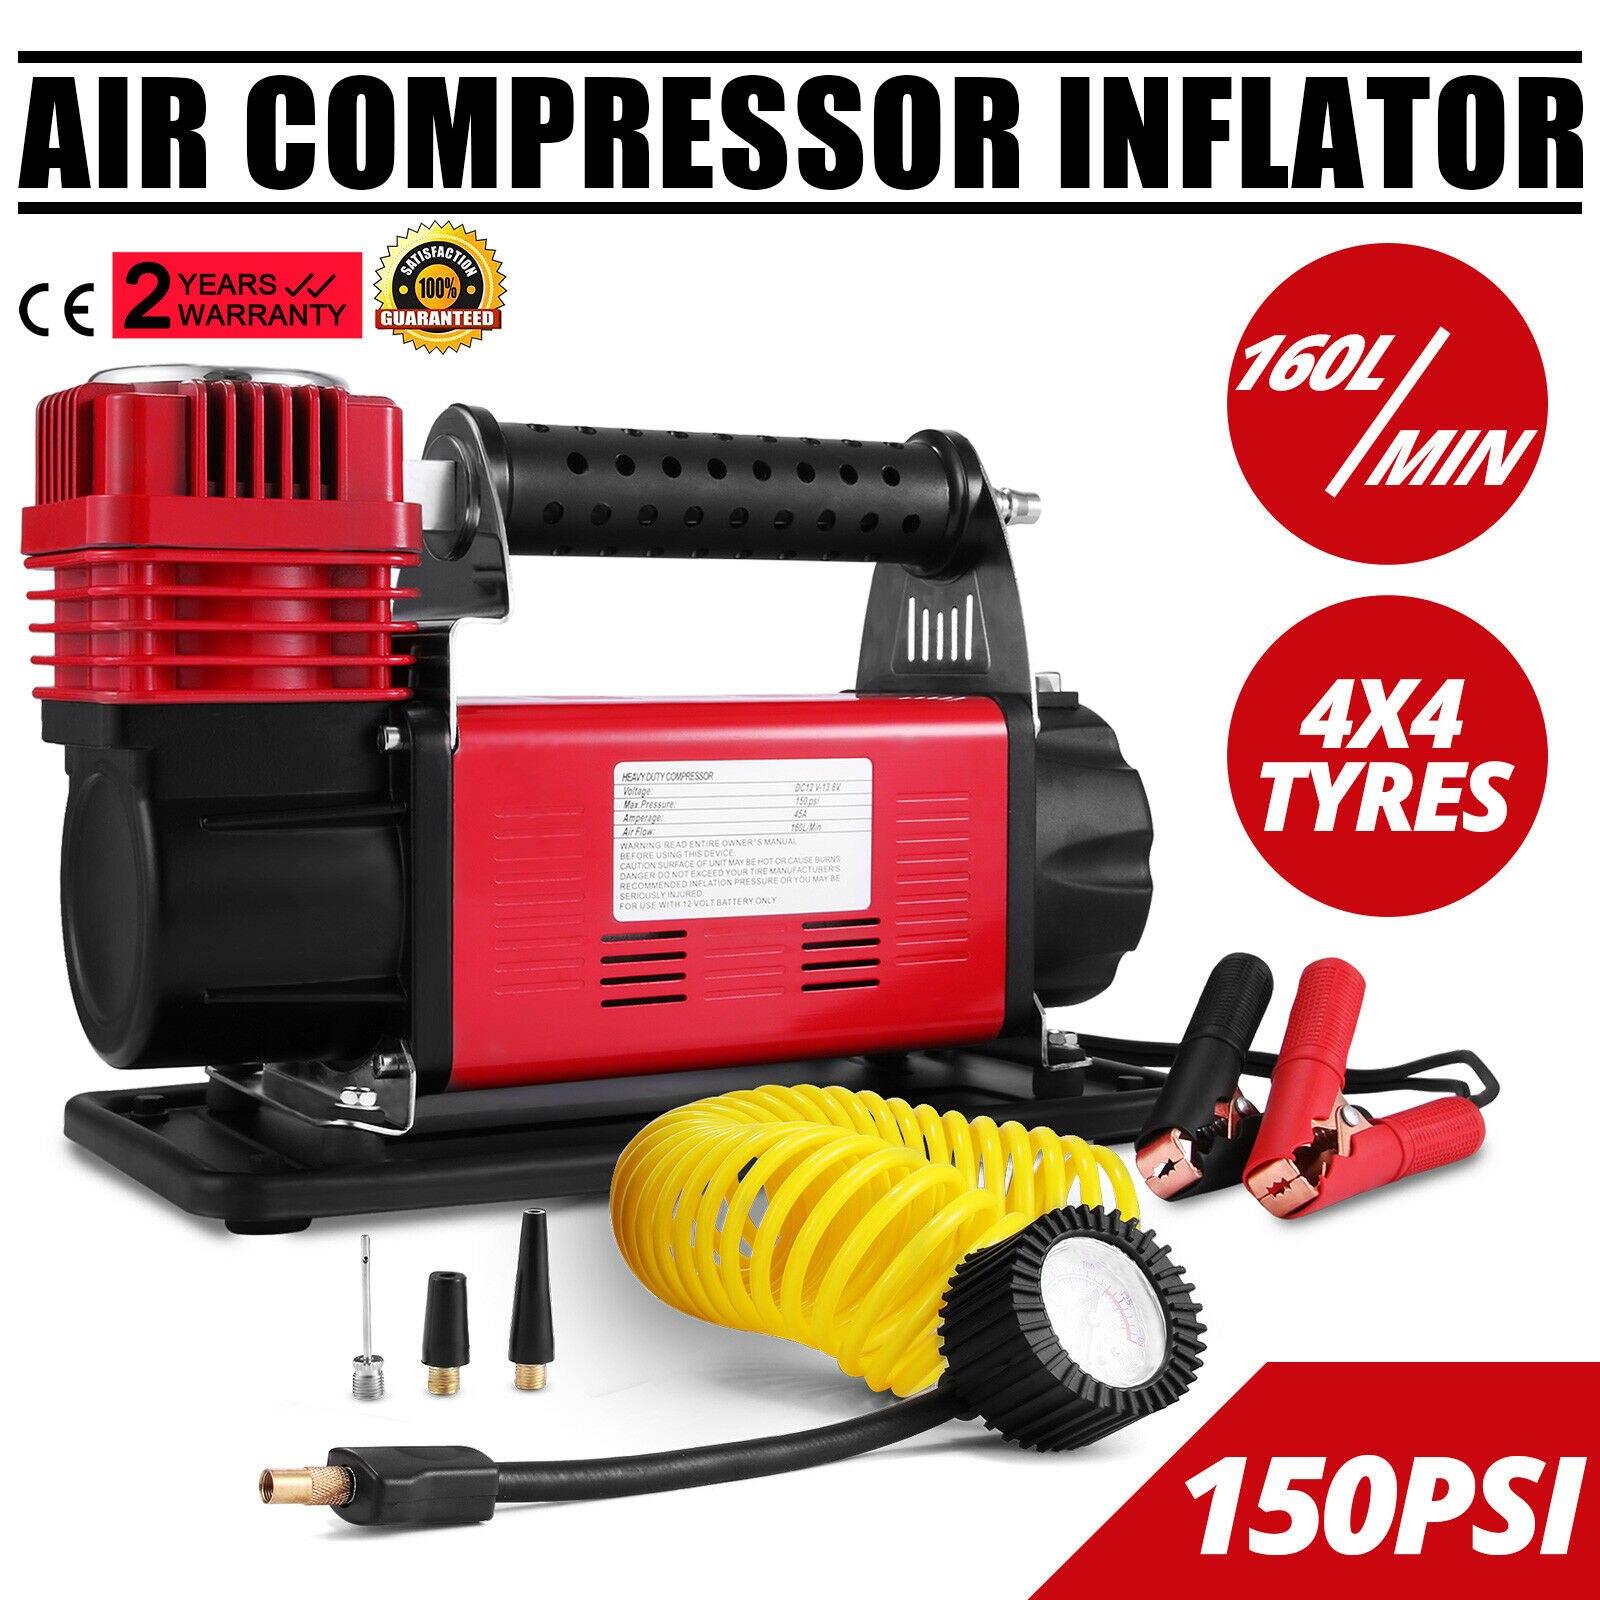 Portable Pump Heavy Duty Air Compressor 12V Robust Air Compressor Single Stage Pump Tire Tire Inflator Car Air Compressor Kit